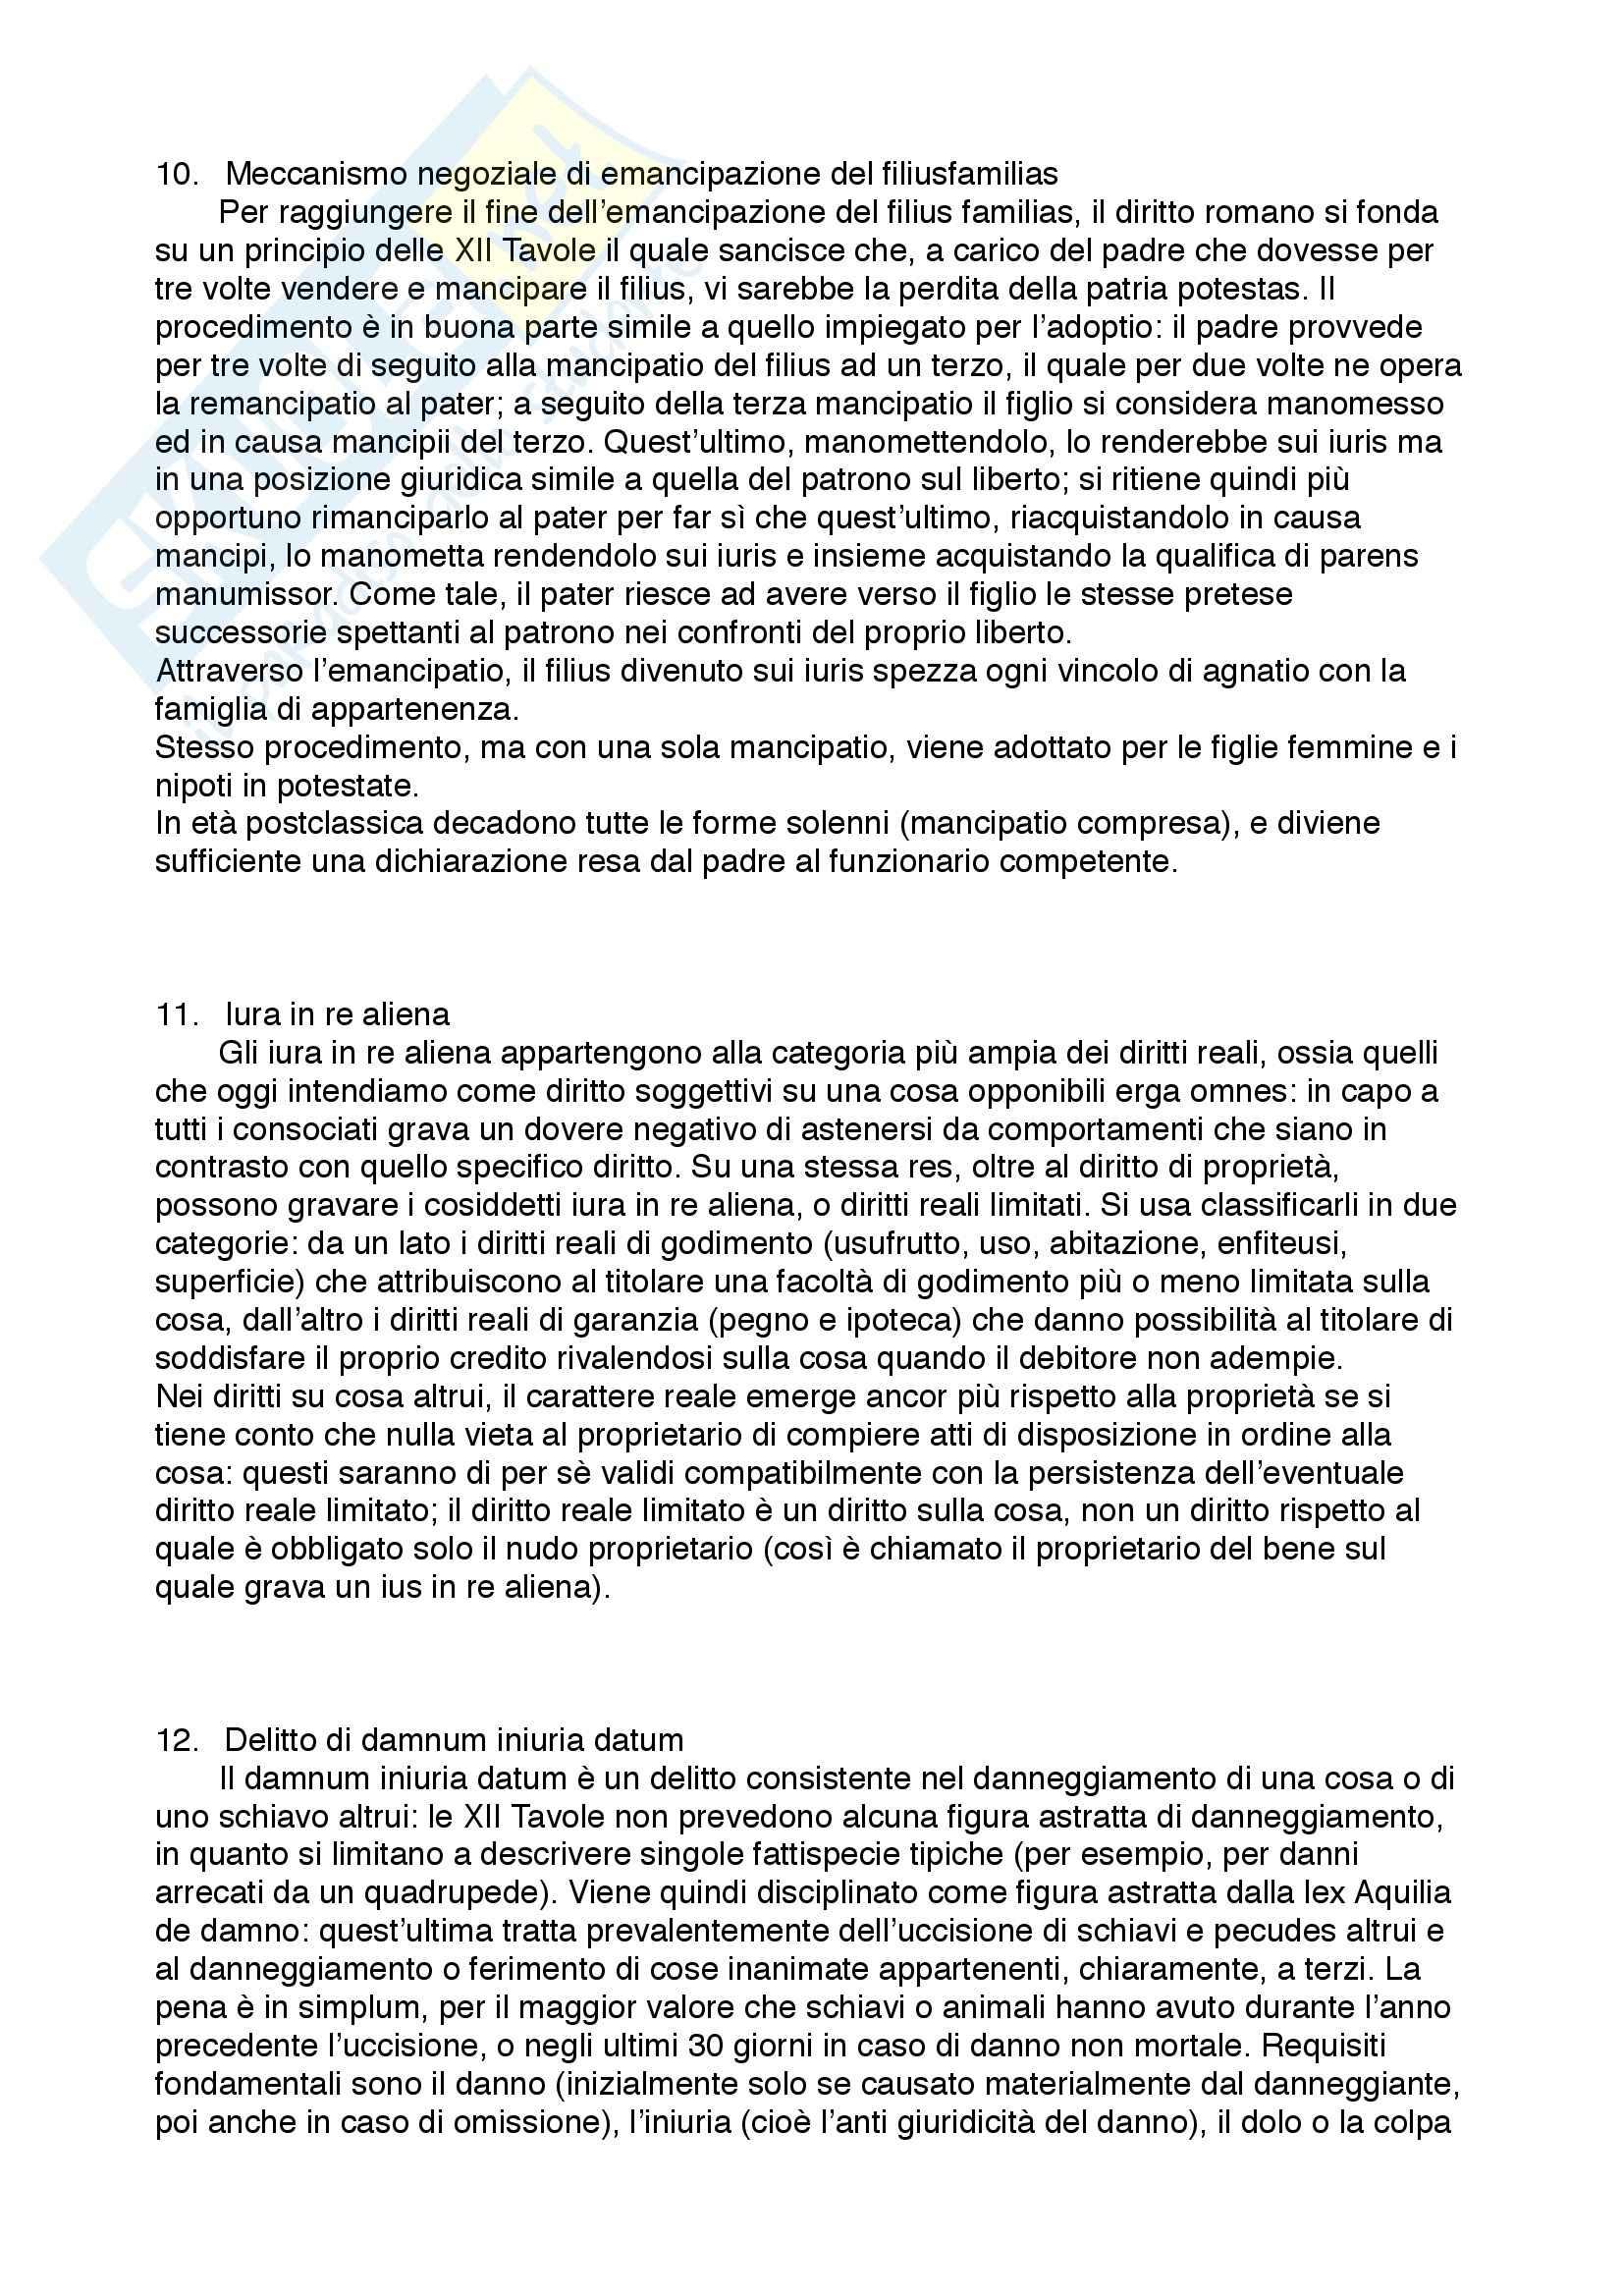 Diritto privato romano - 100 Domande e Risposte - Programma completo - Università di Torino Pag. 6